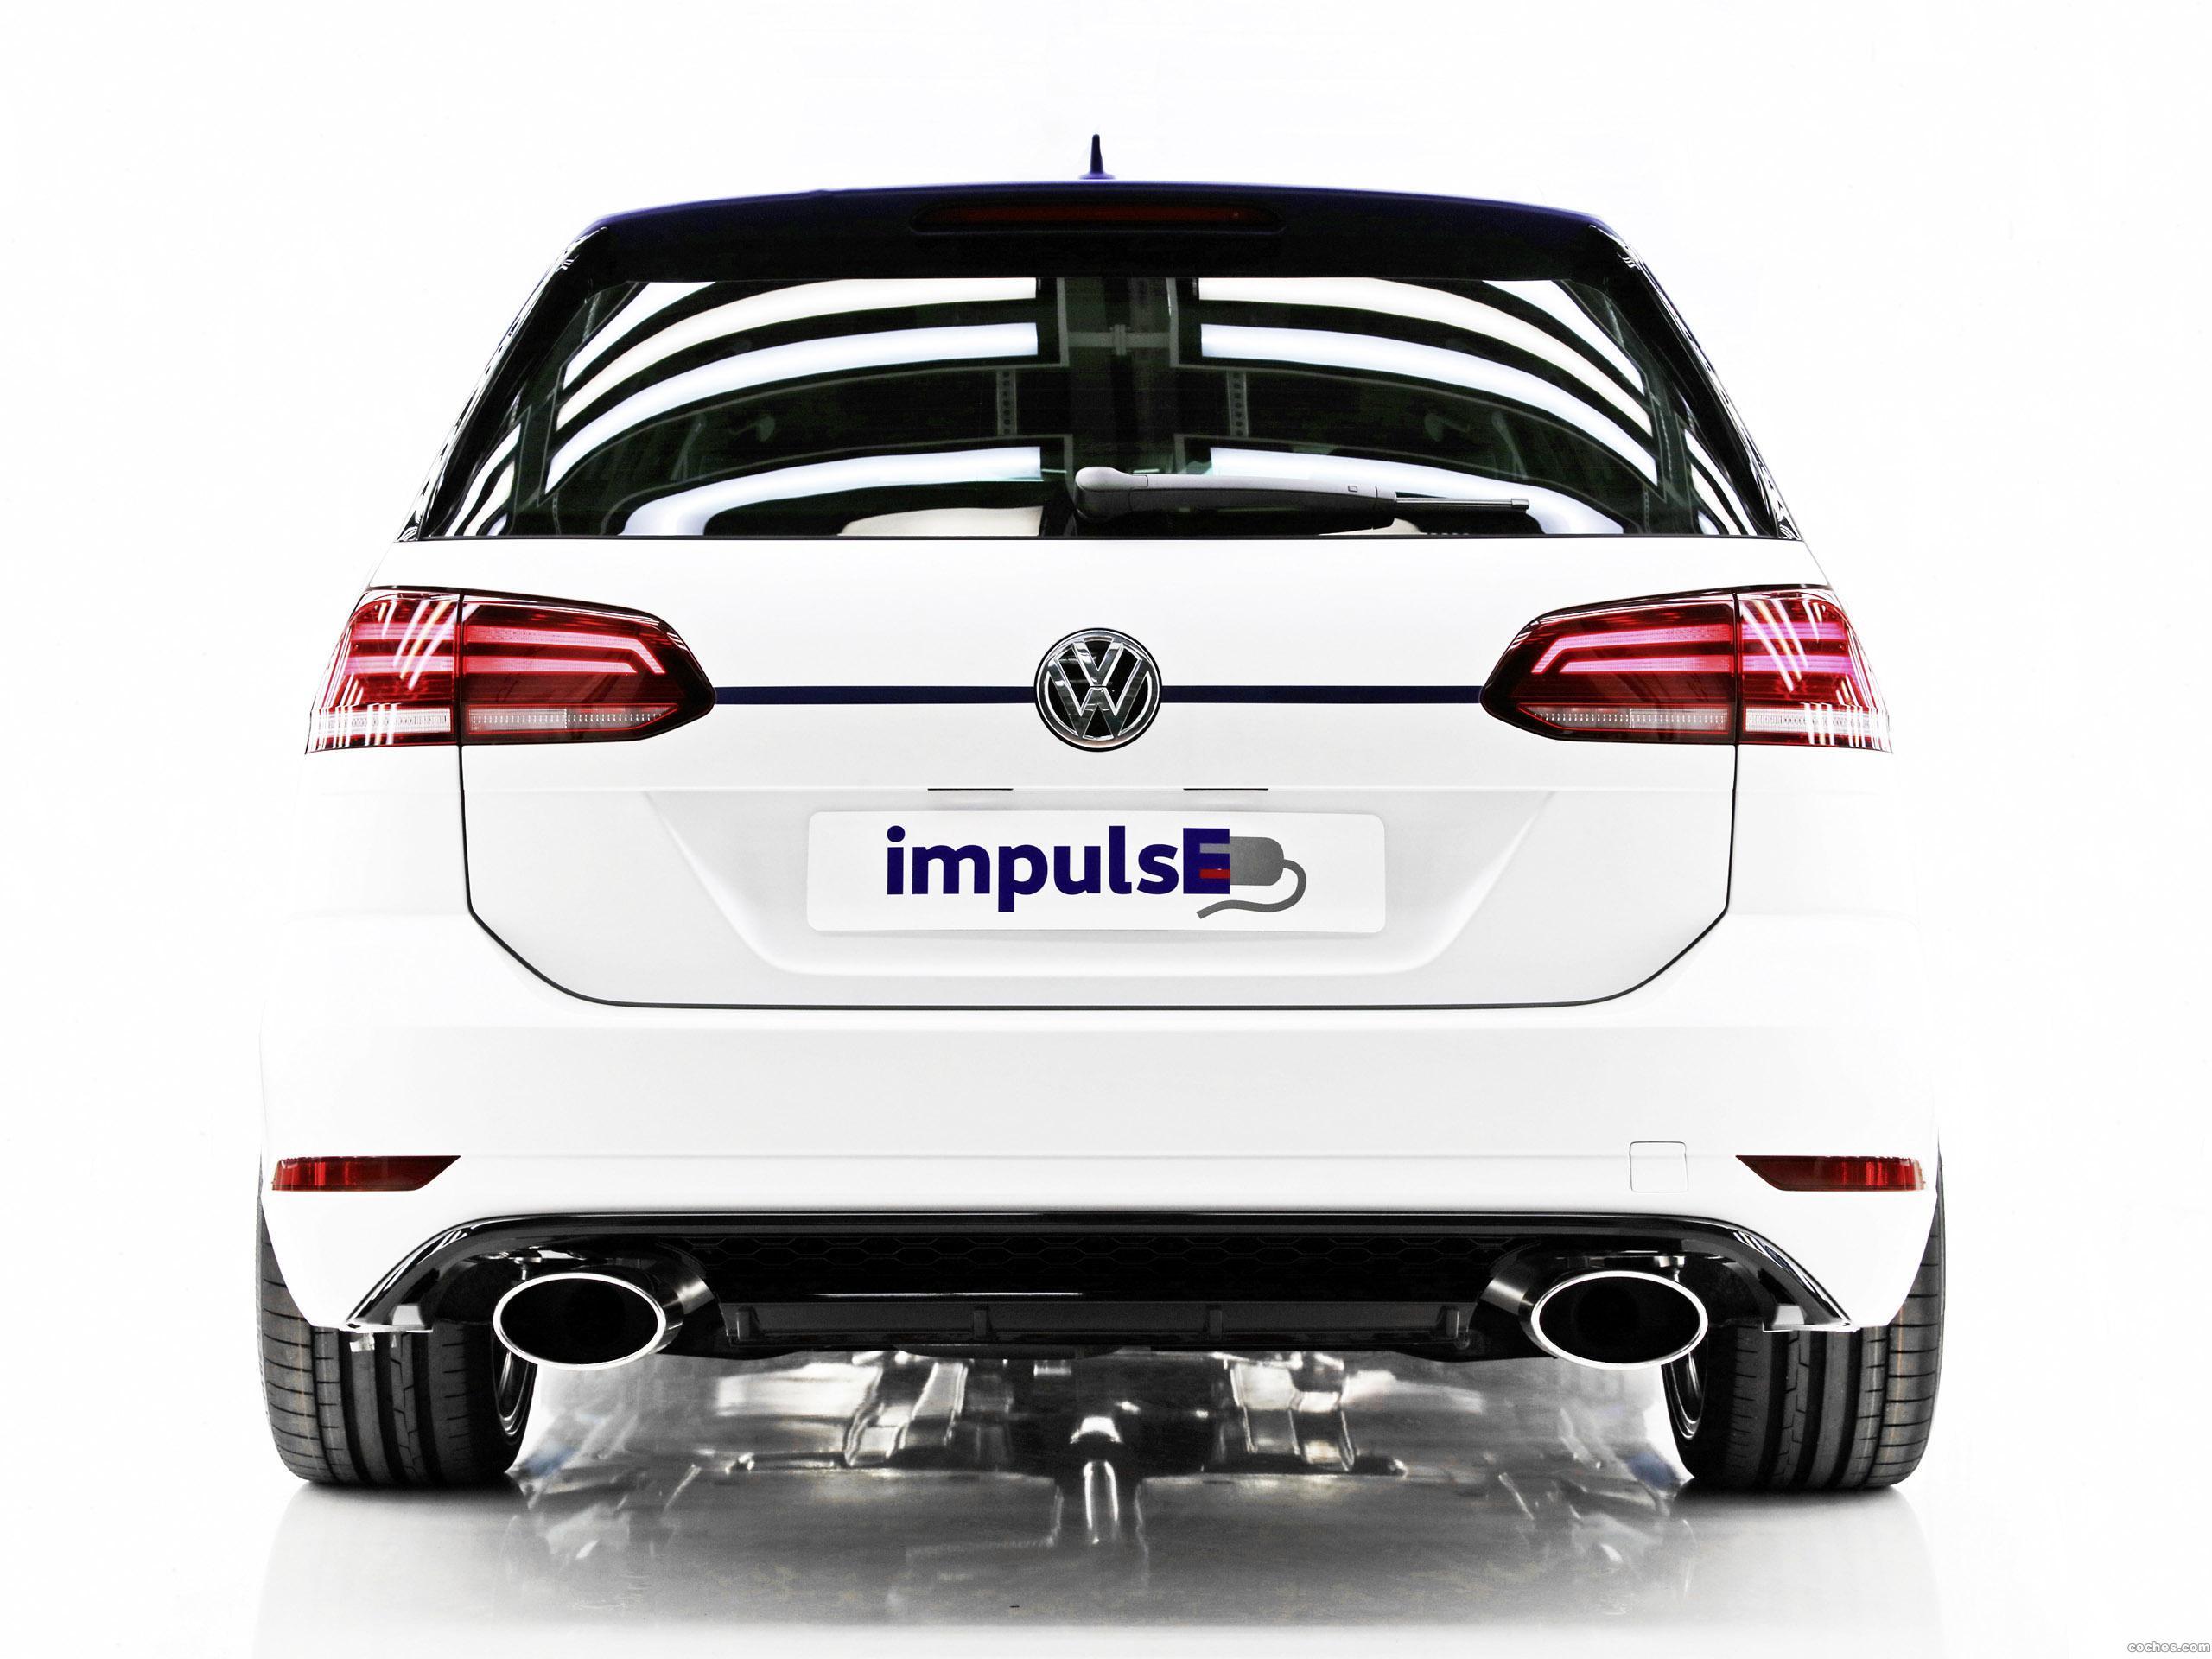 Foto 2 de Volkswagen Golf GTE Variant Impulse  2017